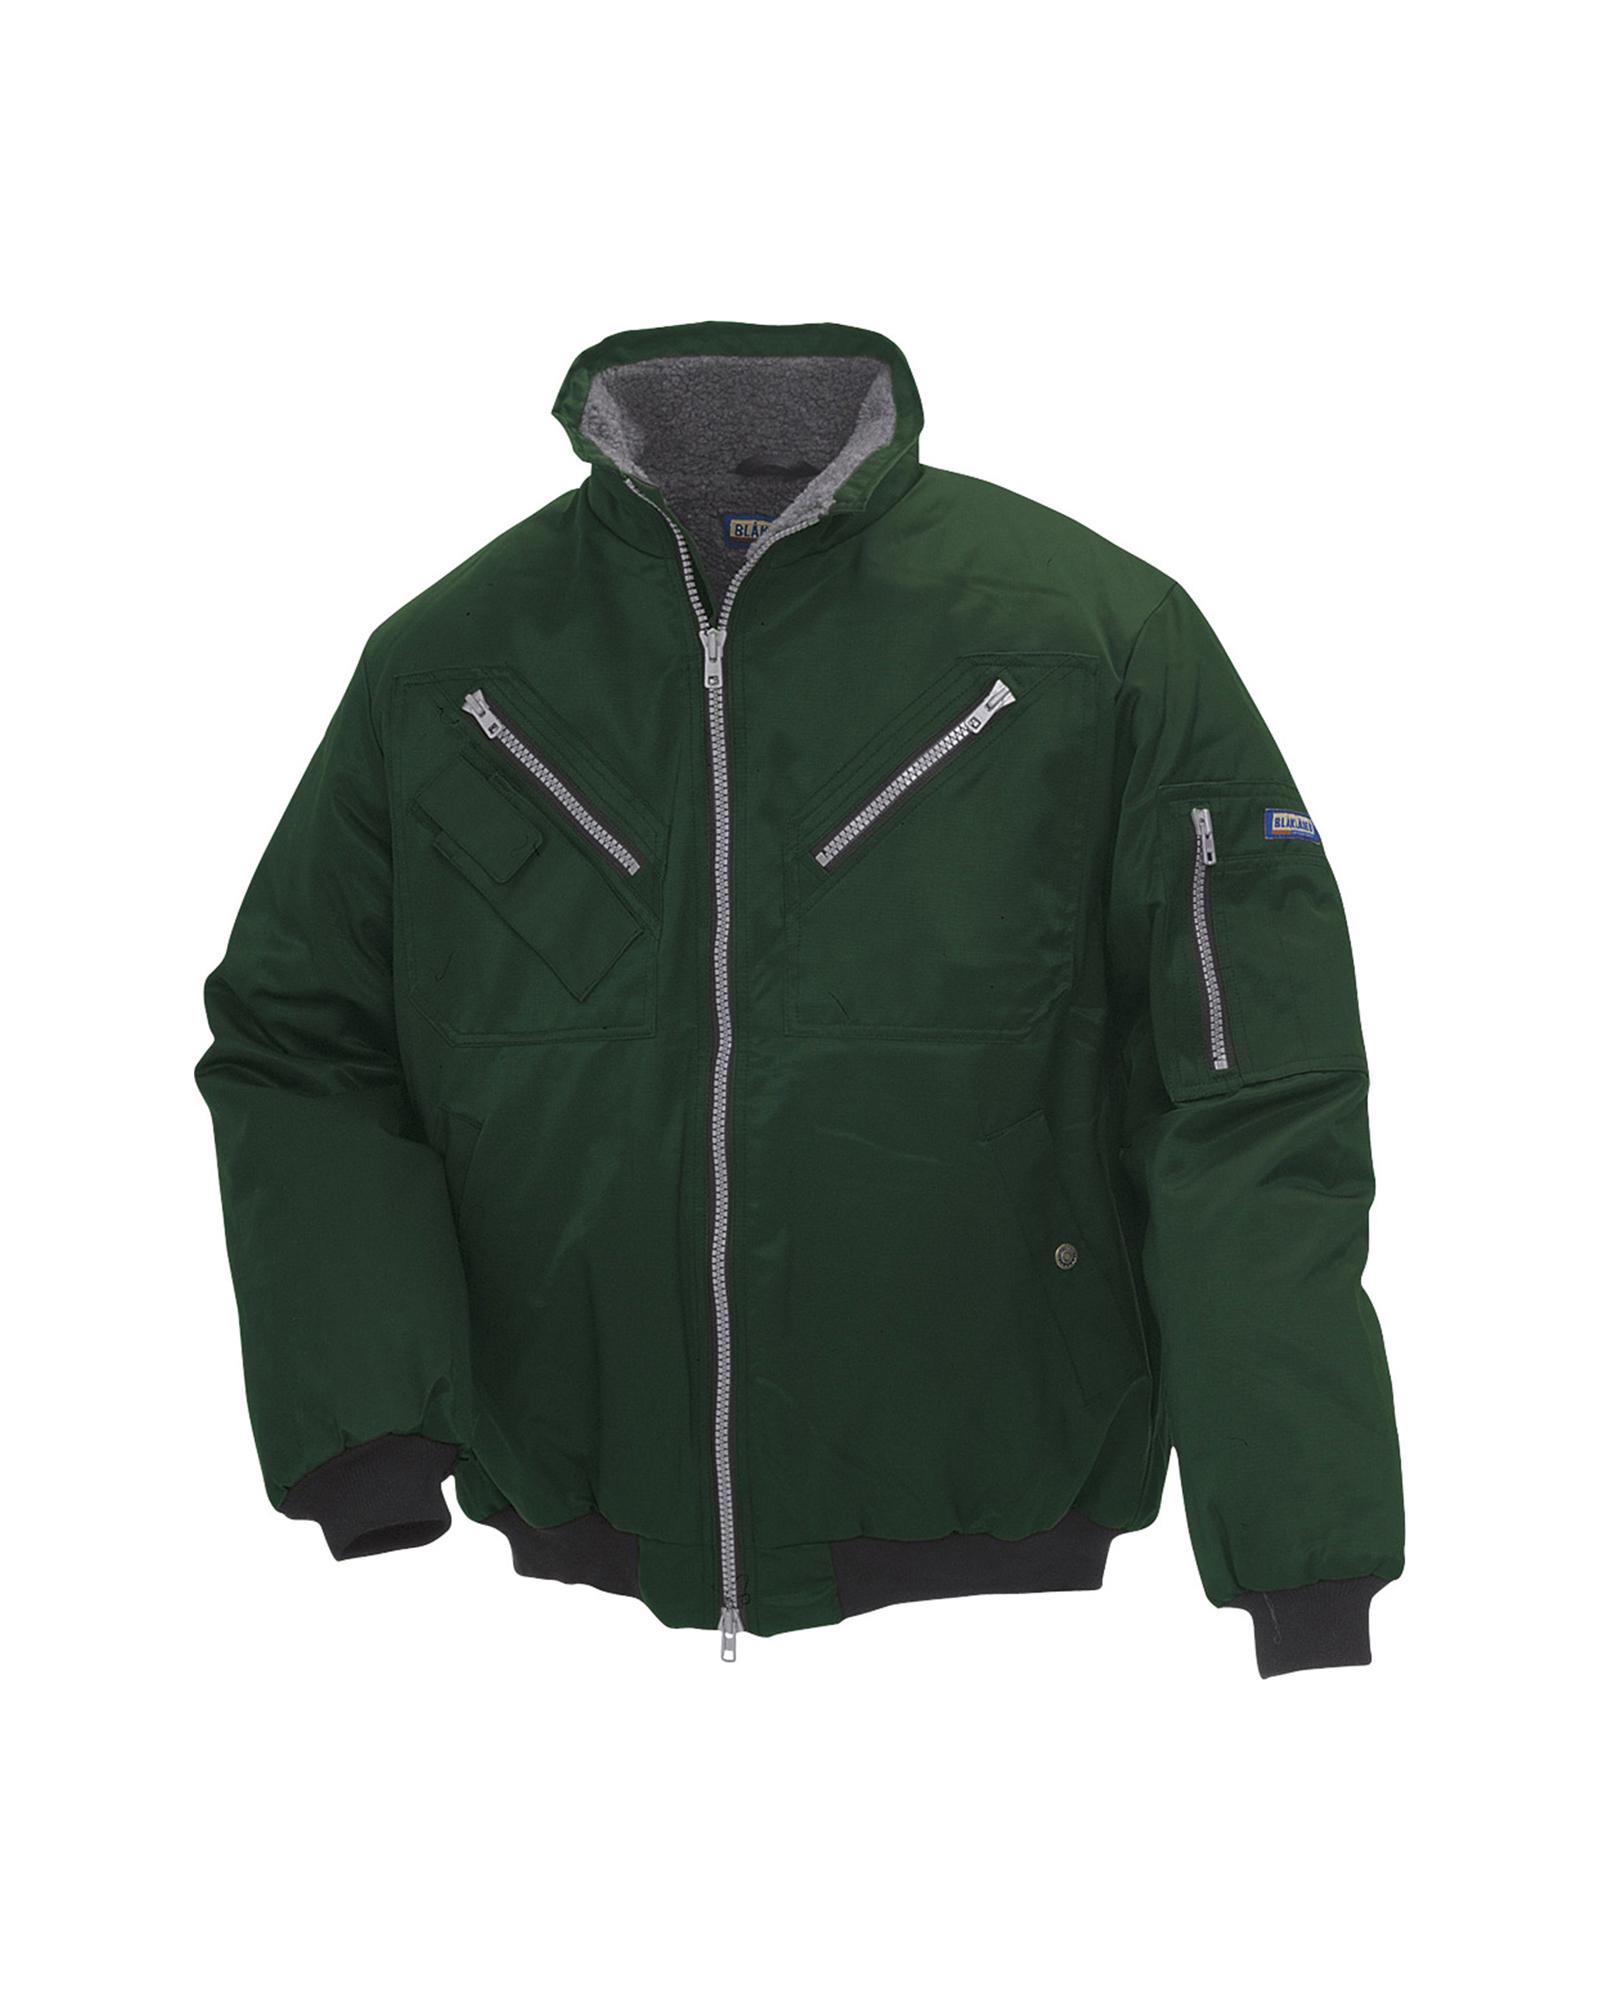 Strålande Vinterjacka pilotmodell (48051900) - Blåkläder HA-69